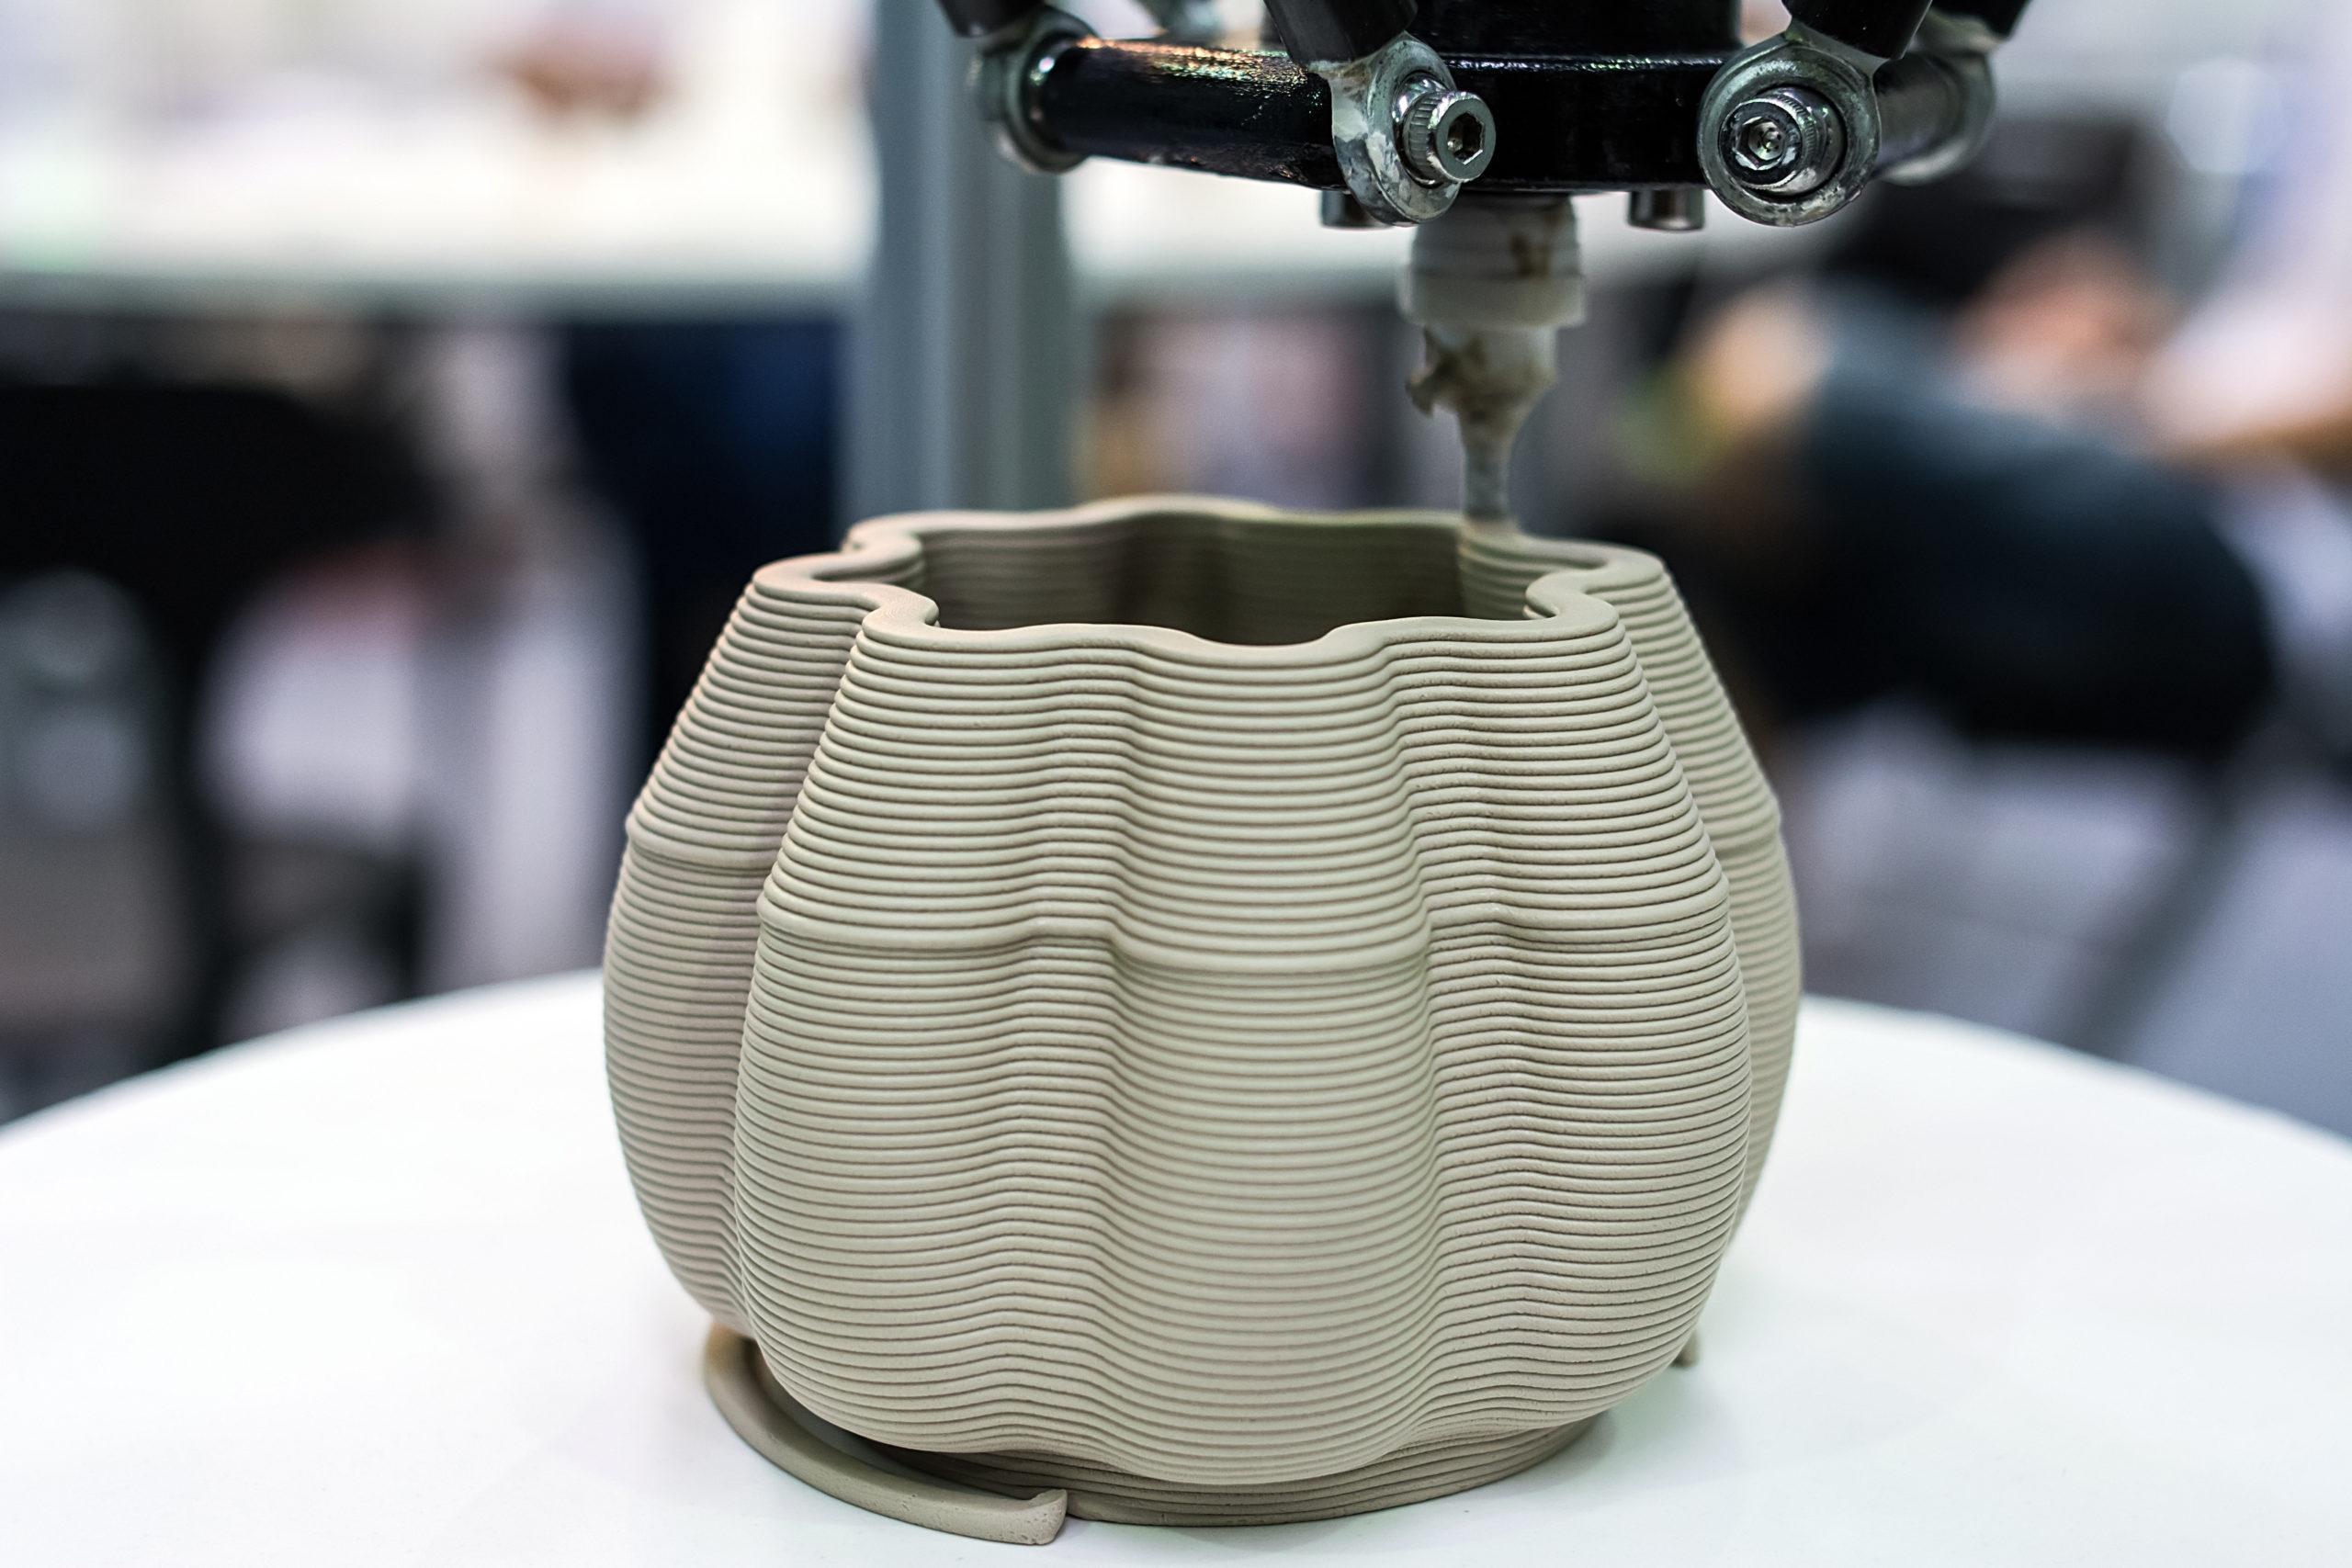 3D printed ceramic ware / 3D printer